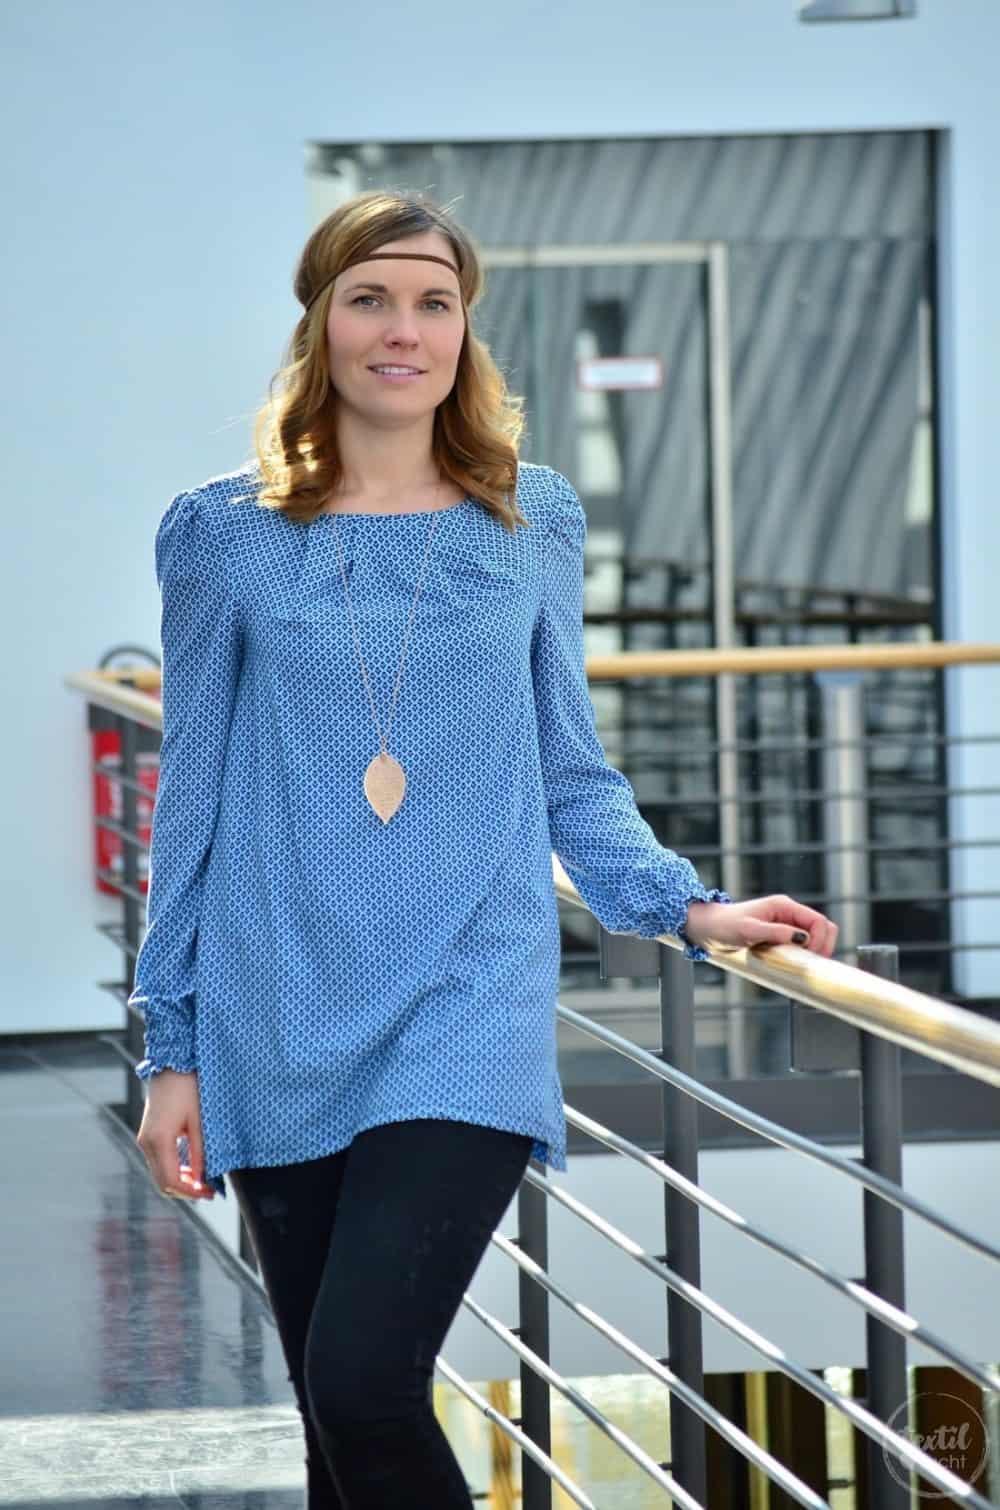 Mein nächster Schnitt ist online: Schnittmuster Bluse und Top Moana - Bild 6 | textilsucht.de